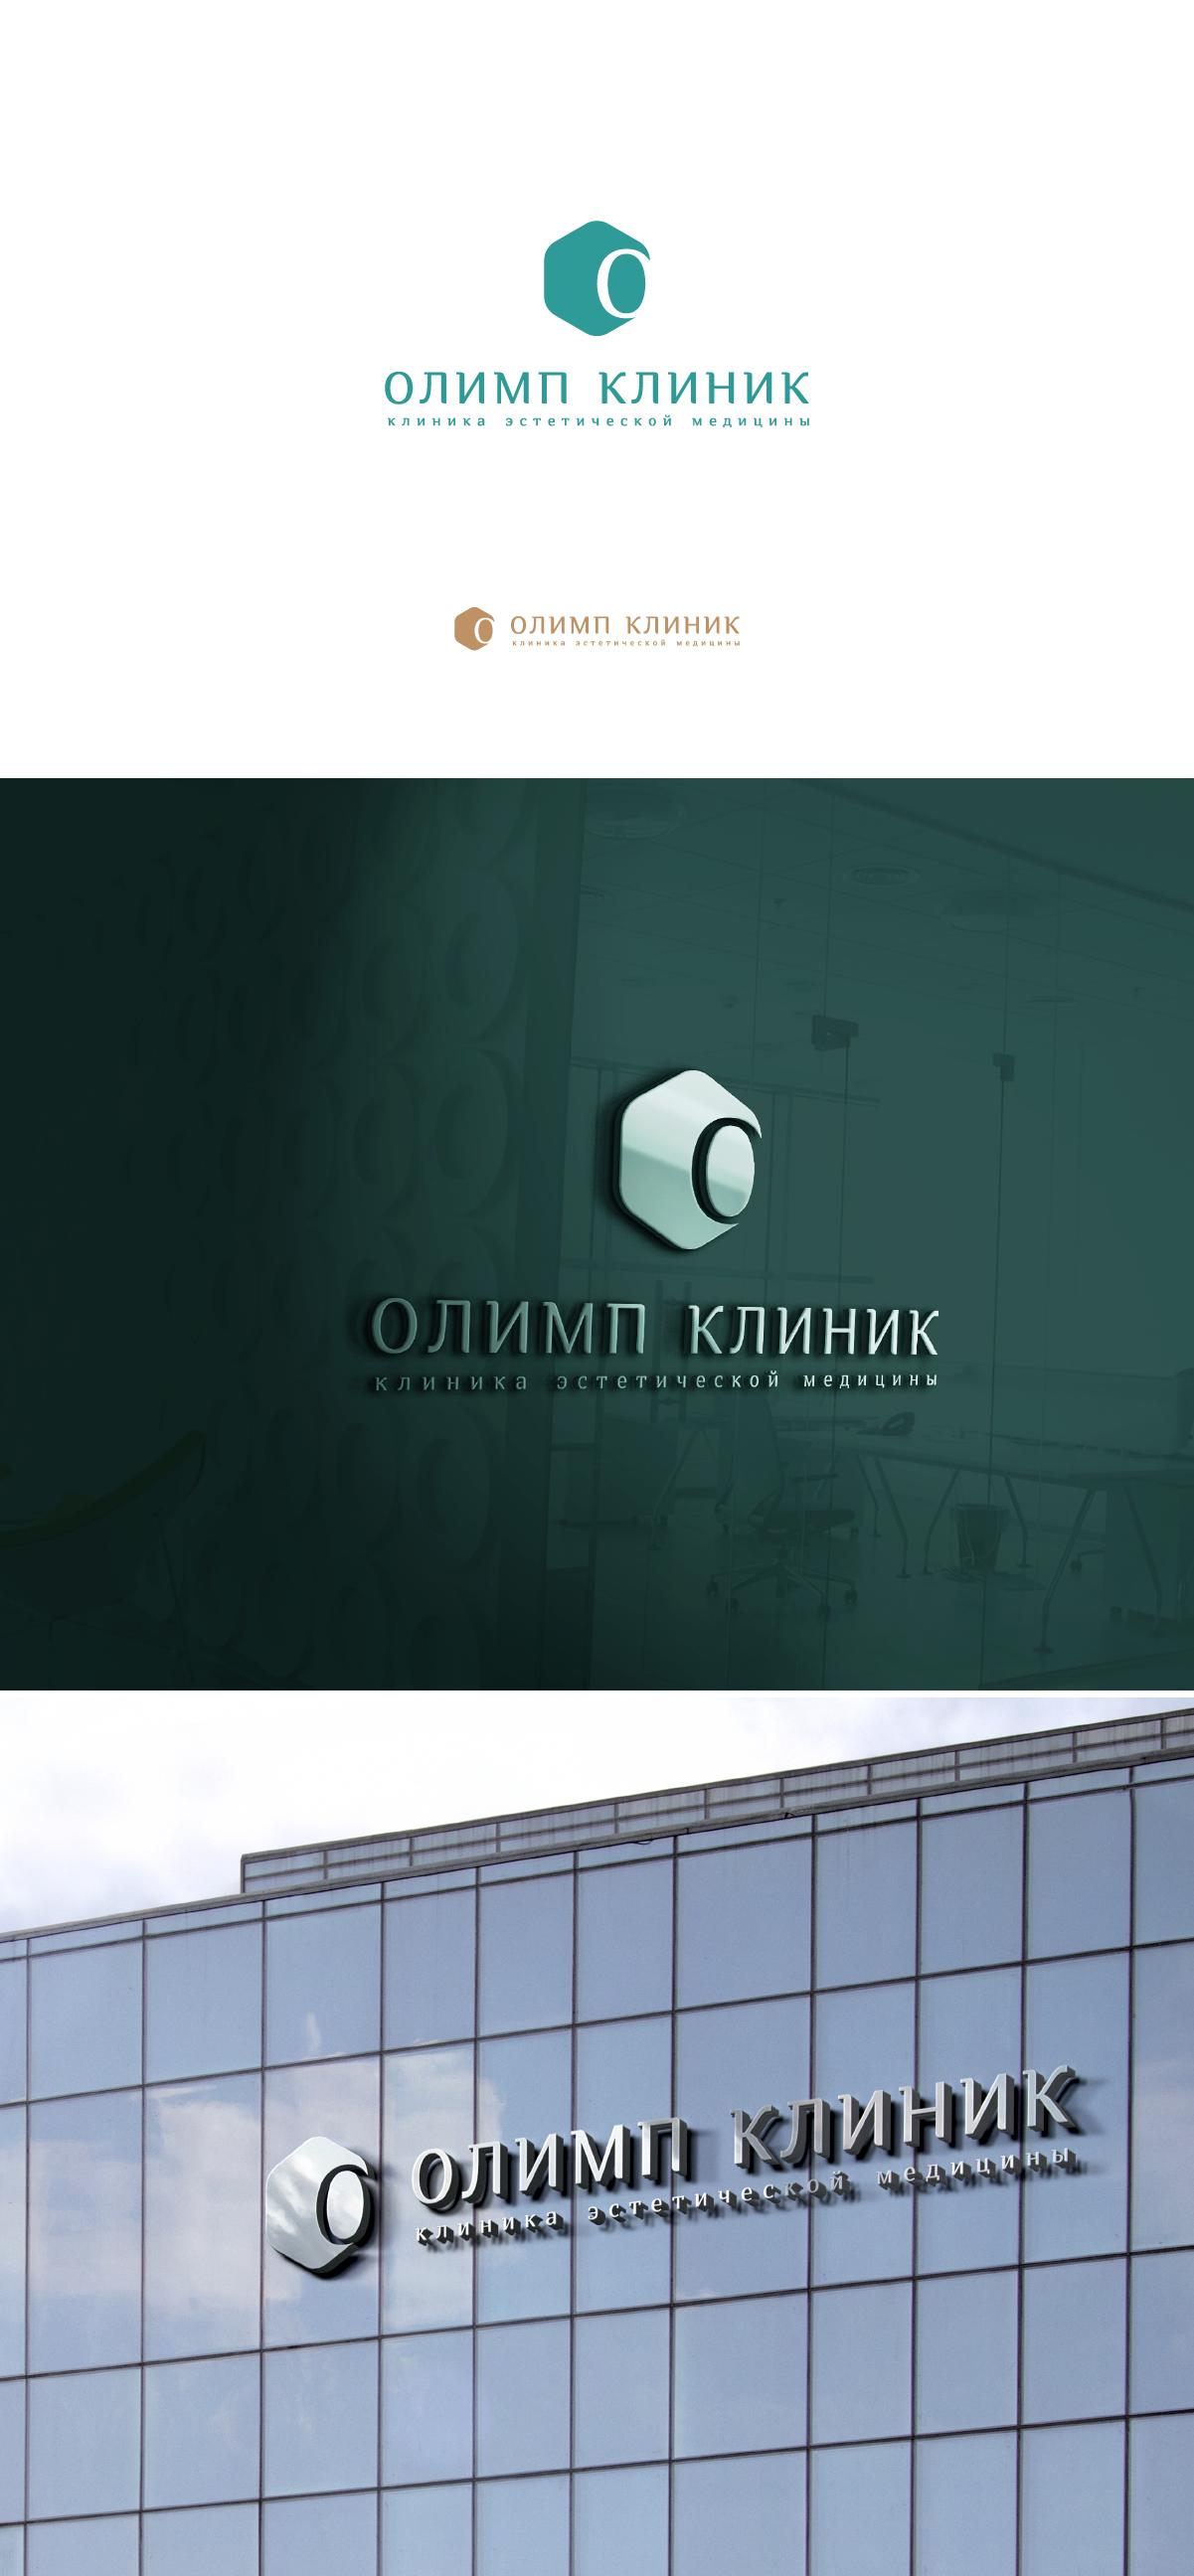 Разработка логотипа и впоследствии фирменного стиля фото f_2775f2862adce6ba.png